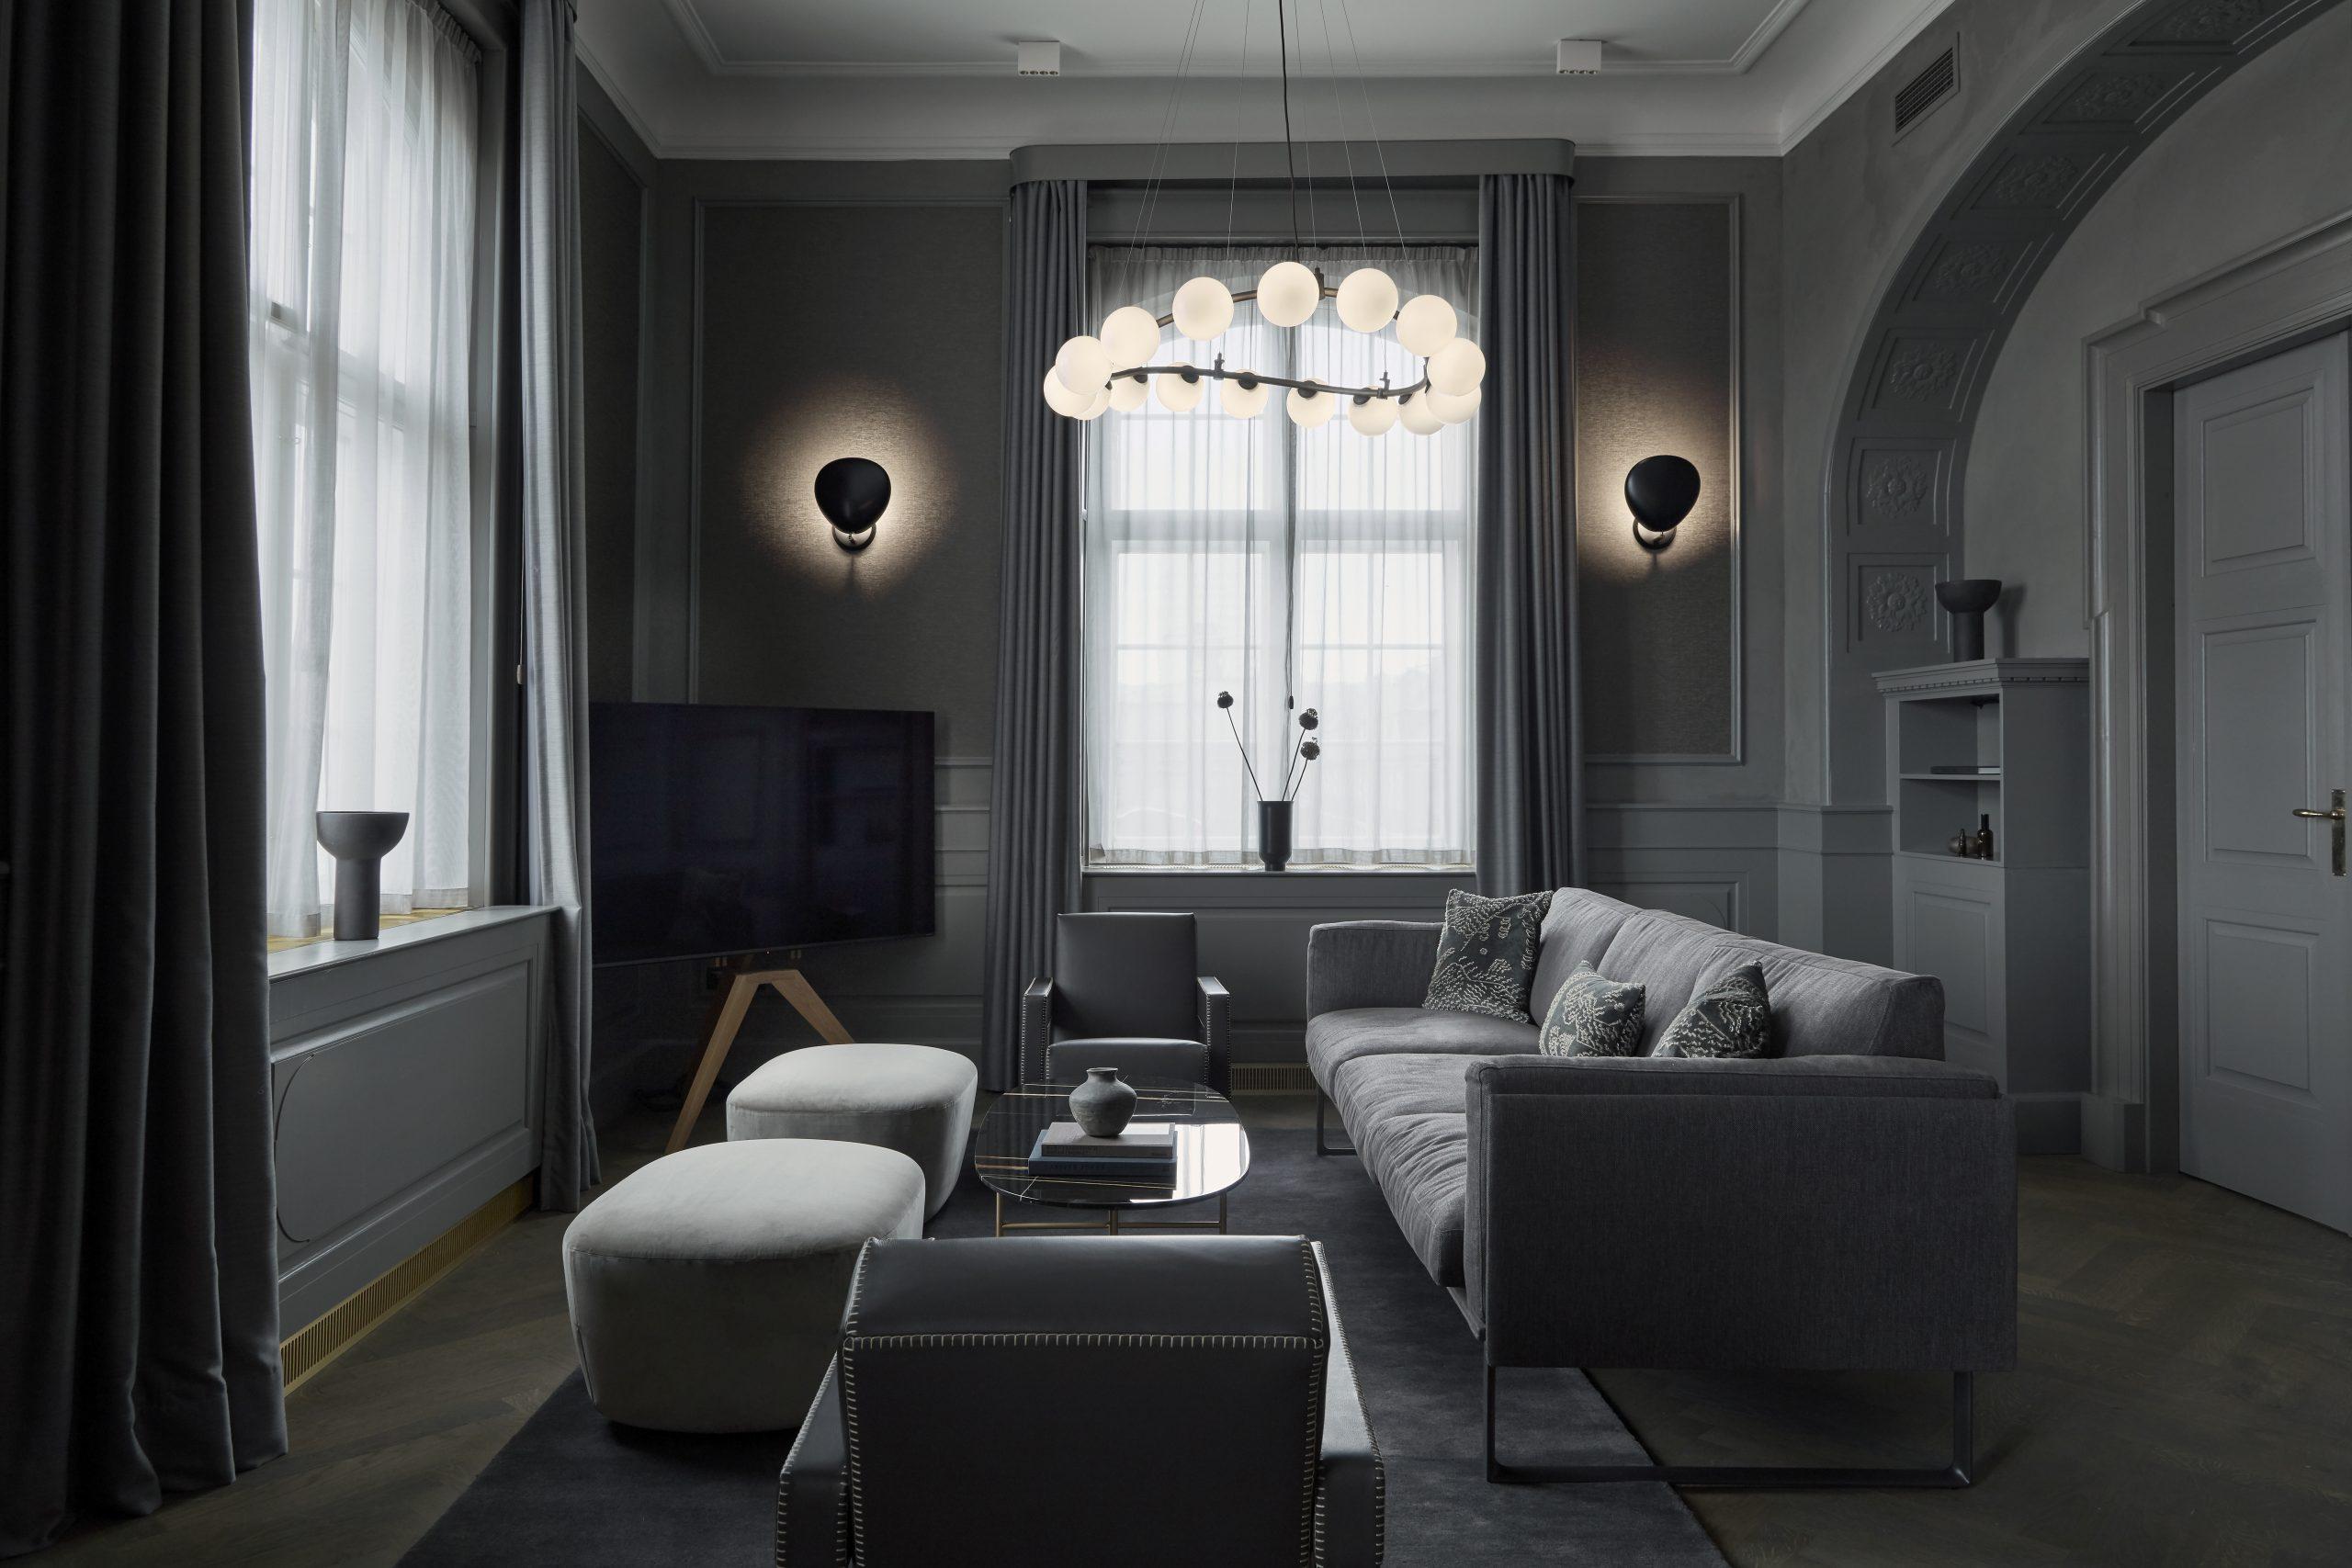 Blandt de nye hoteller der i år er åbnet i København er hovedstadens nye luksushotel, Villa Copenhagen, der blandt andet har Shamballe-suiten til en officiel pris af 55.000 kroner i døgnet. Pressefoto: Astrid Rasmussen.